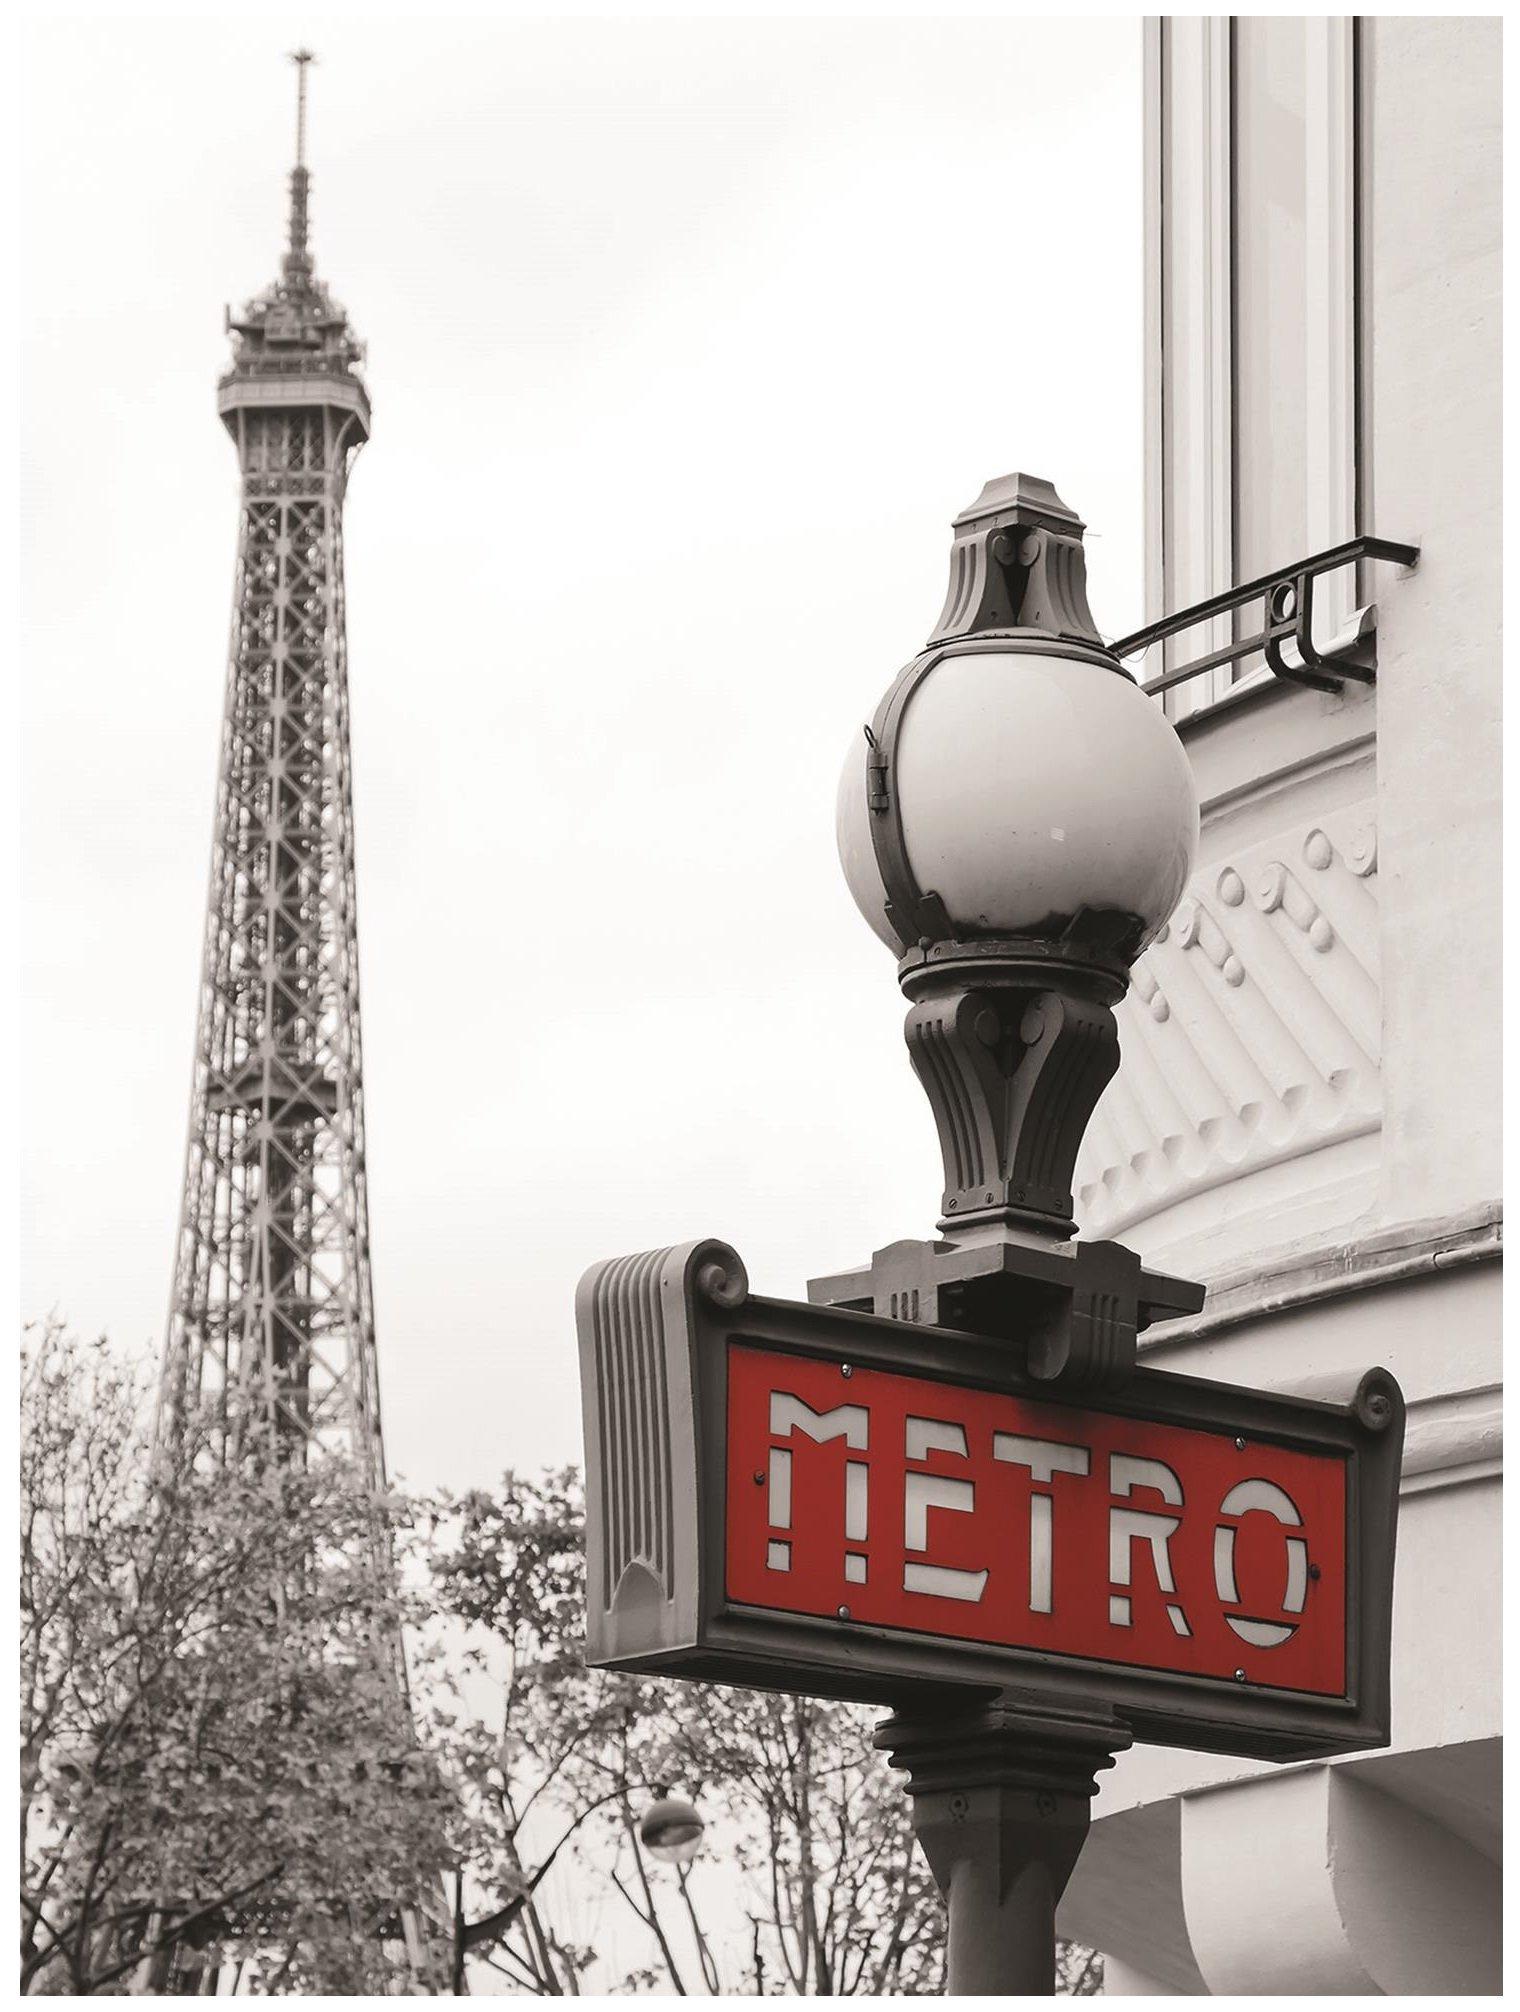 Fototapeta wieża Eiffla Paryż fototapety